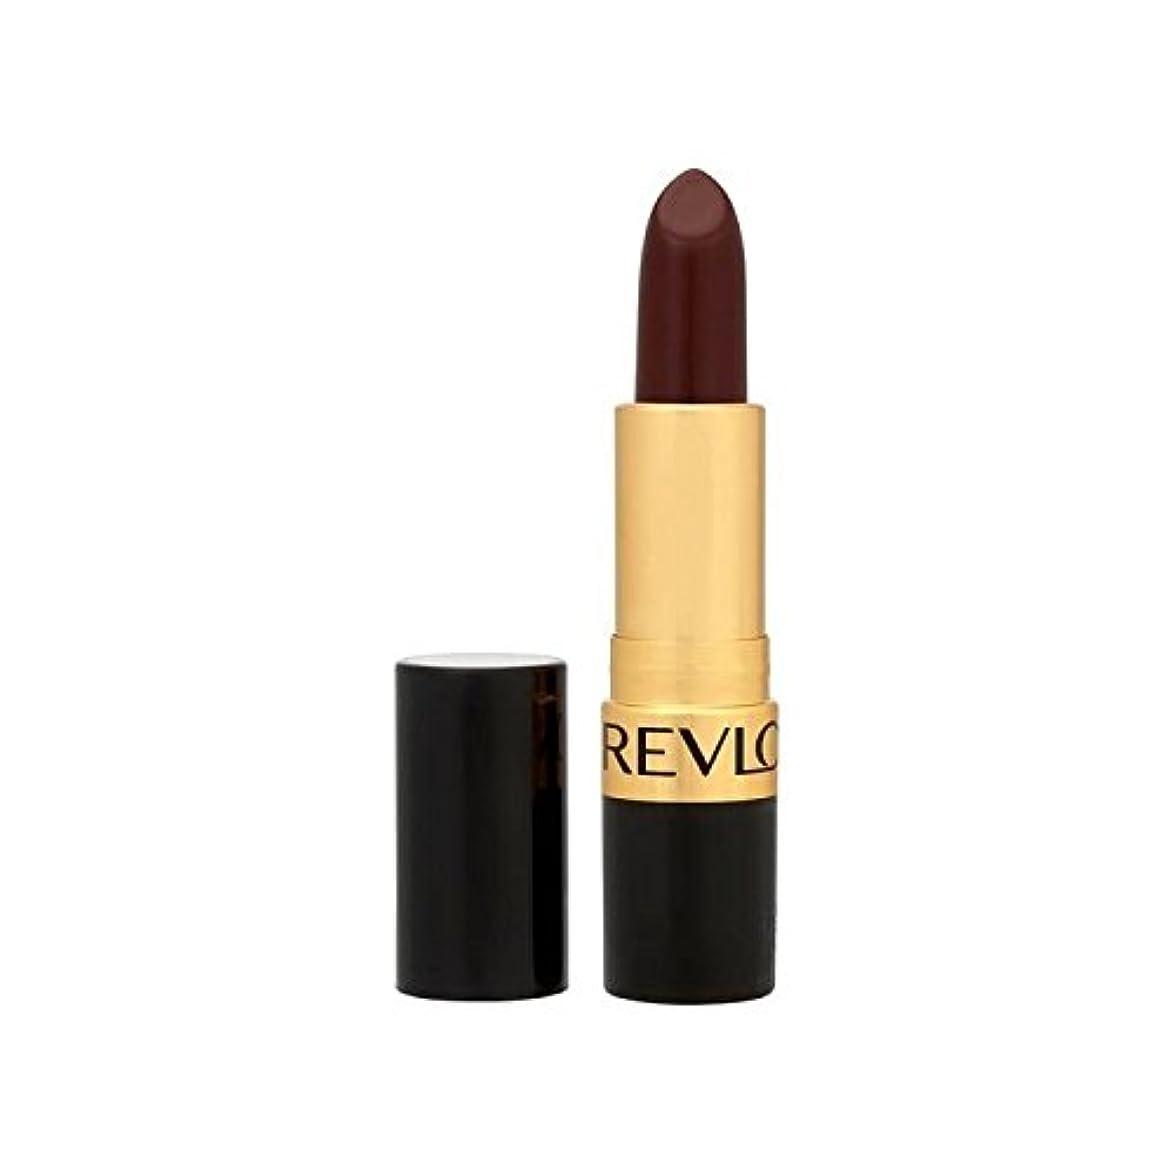 流行エーカー髄レブロンスーパー光沢のある口紅ブラックチェリー477 x2 - Revlon Super Lustrous Lipstick Black Cherry 477 (Pack of 2) [並行輸入品]